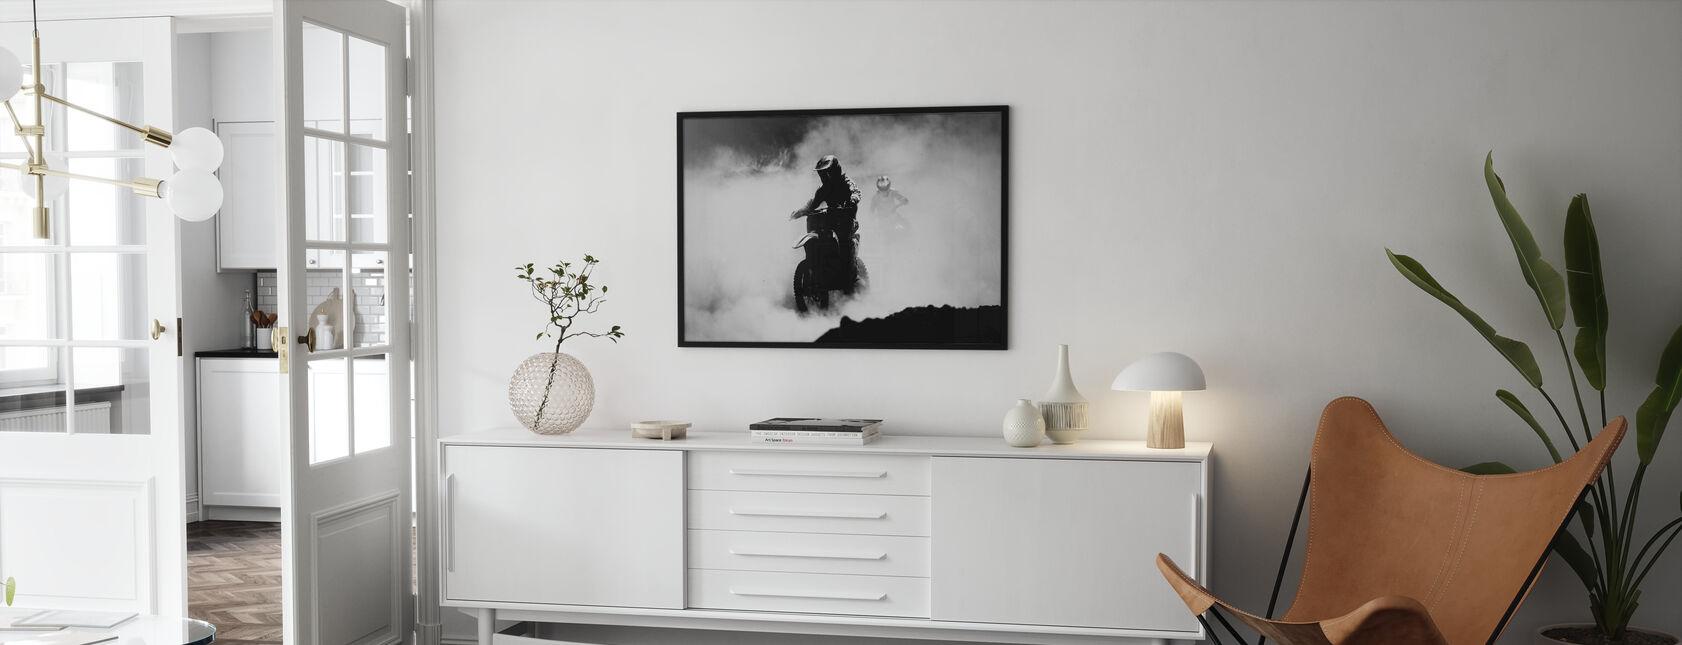 Motocross Racer - Framed print - Living Room